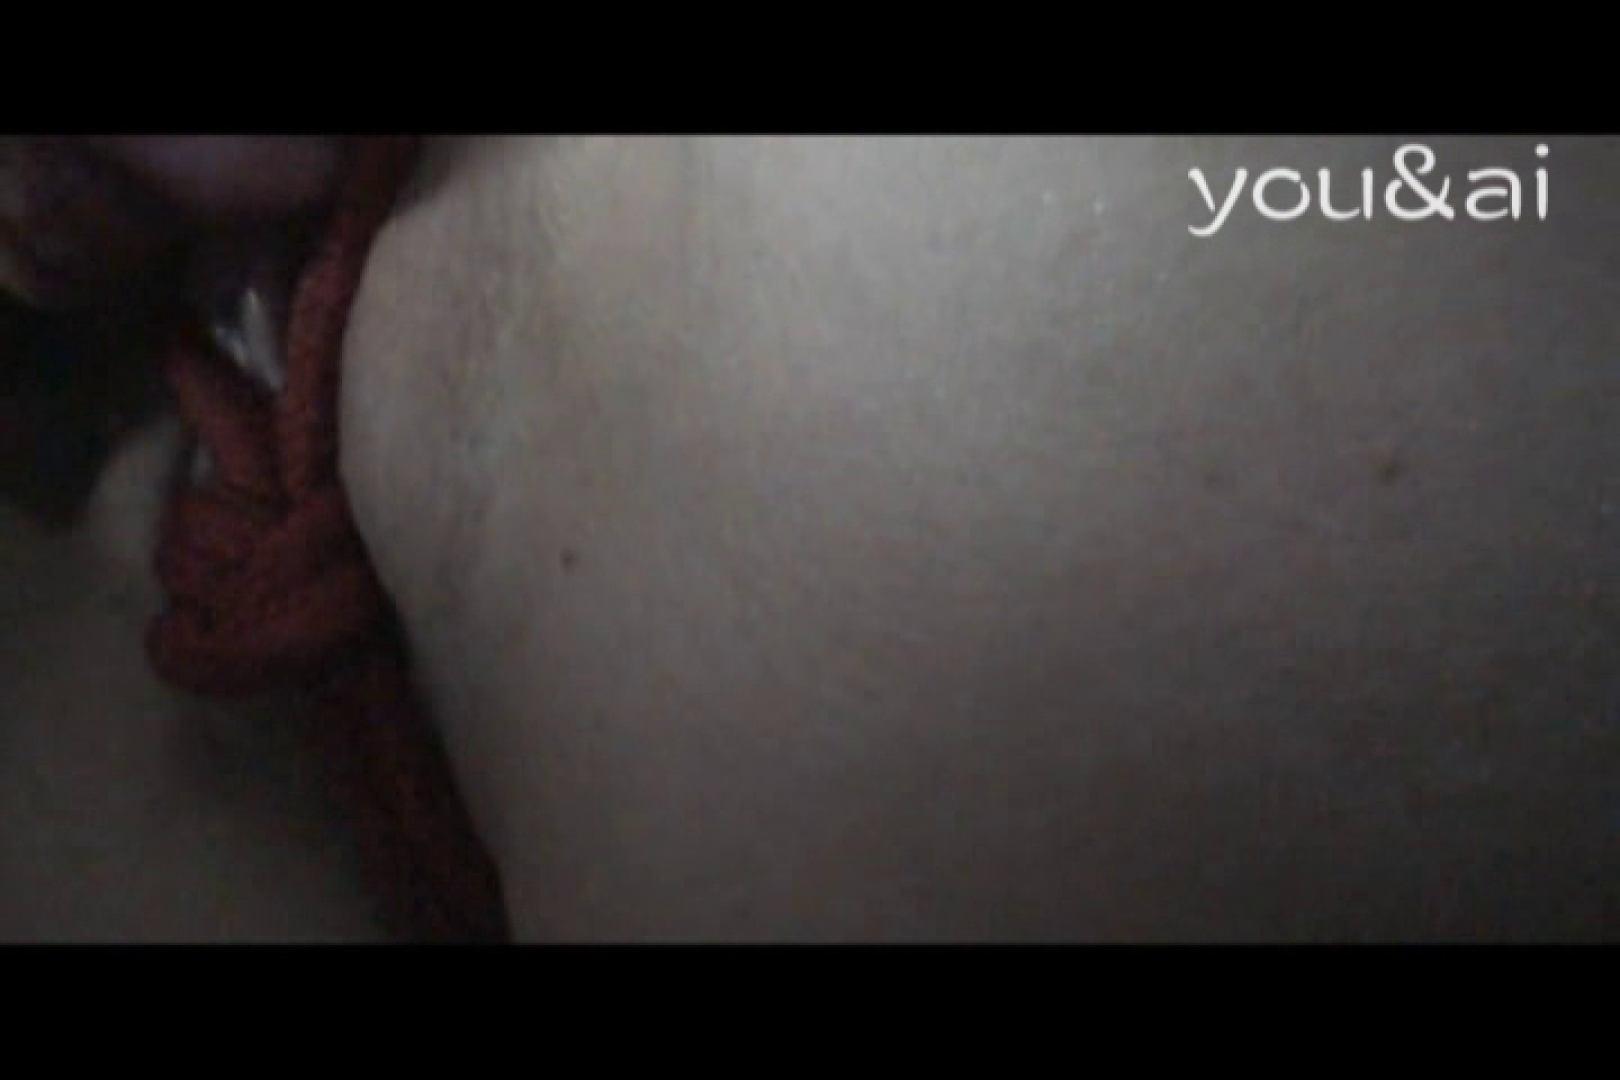 おしどり夫婦のyou&aiさん投稿作品vol.4 セックス エロ画像 53連発 10